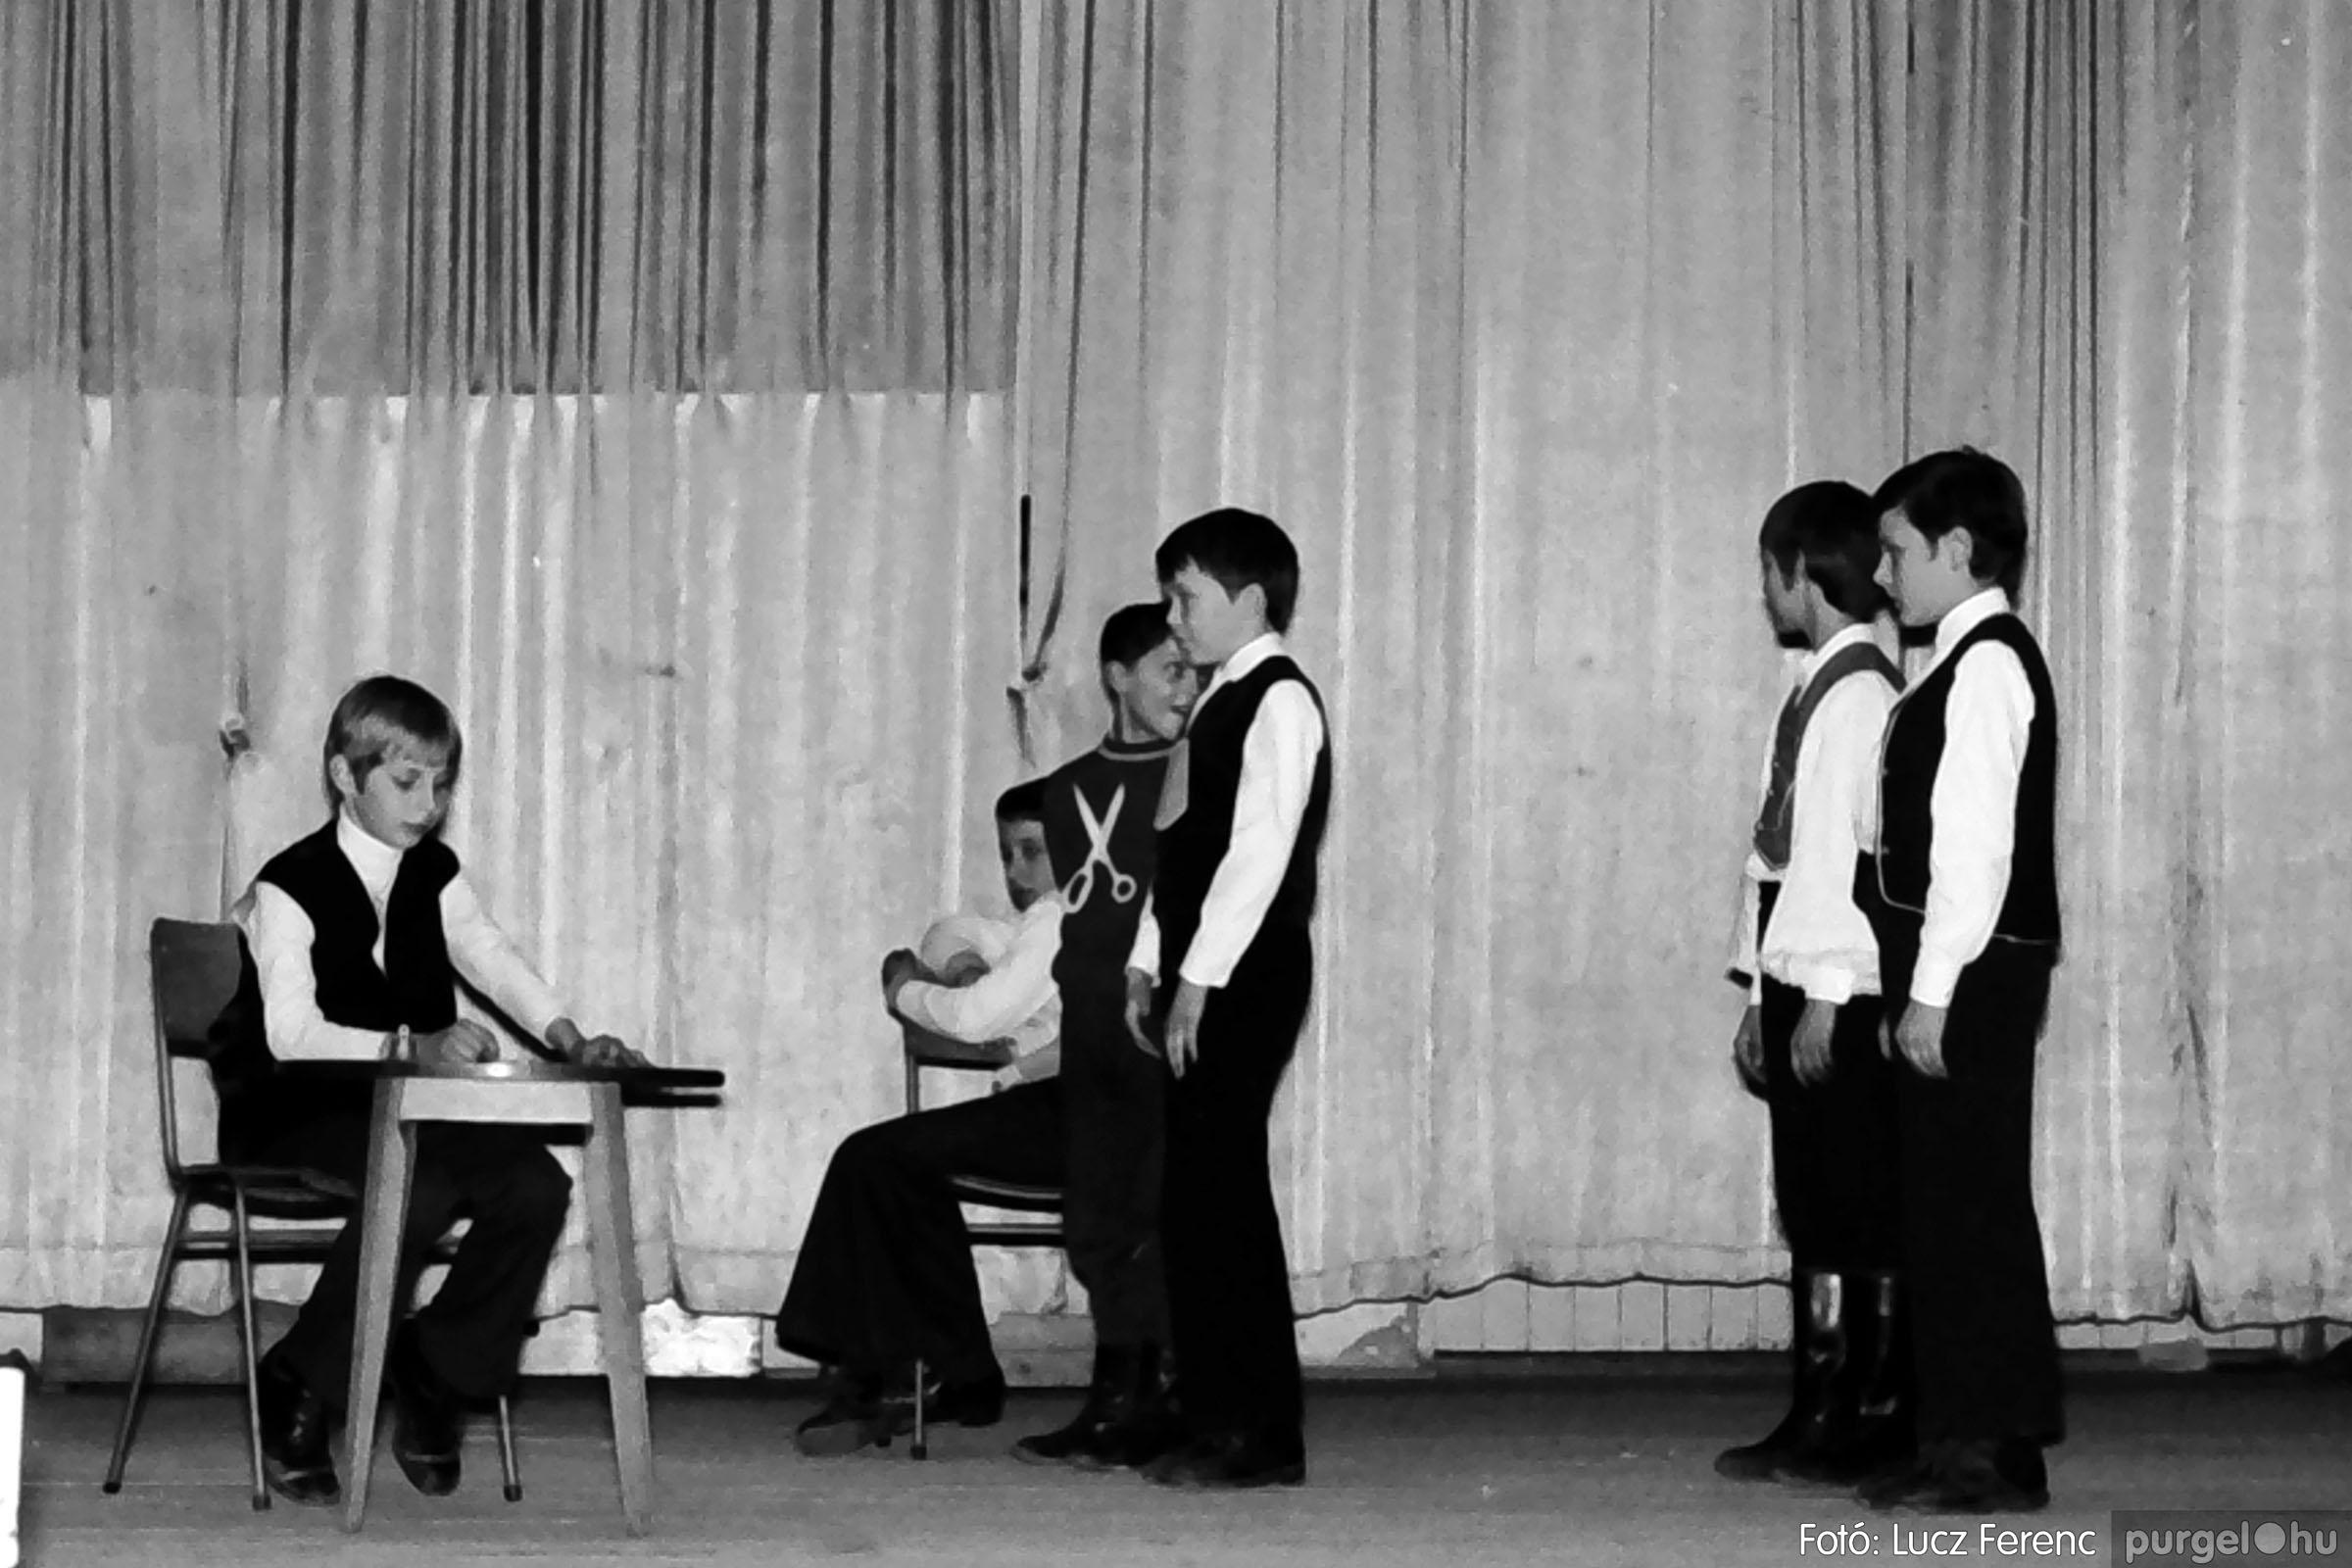 033. 1976. Diákrendezvény a kultúrházban 012 - Fotó: Lucz Ferenc.jpg